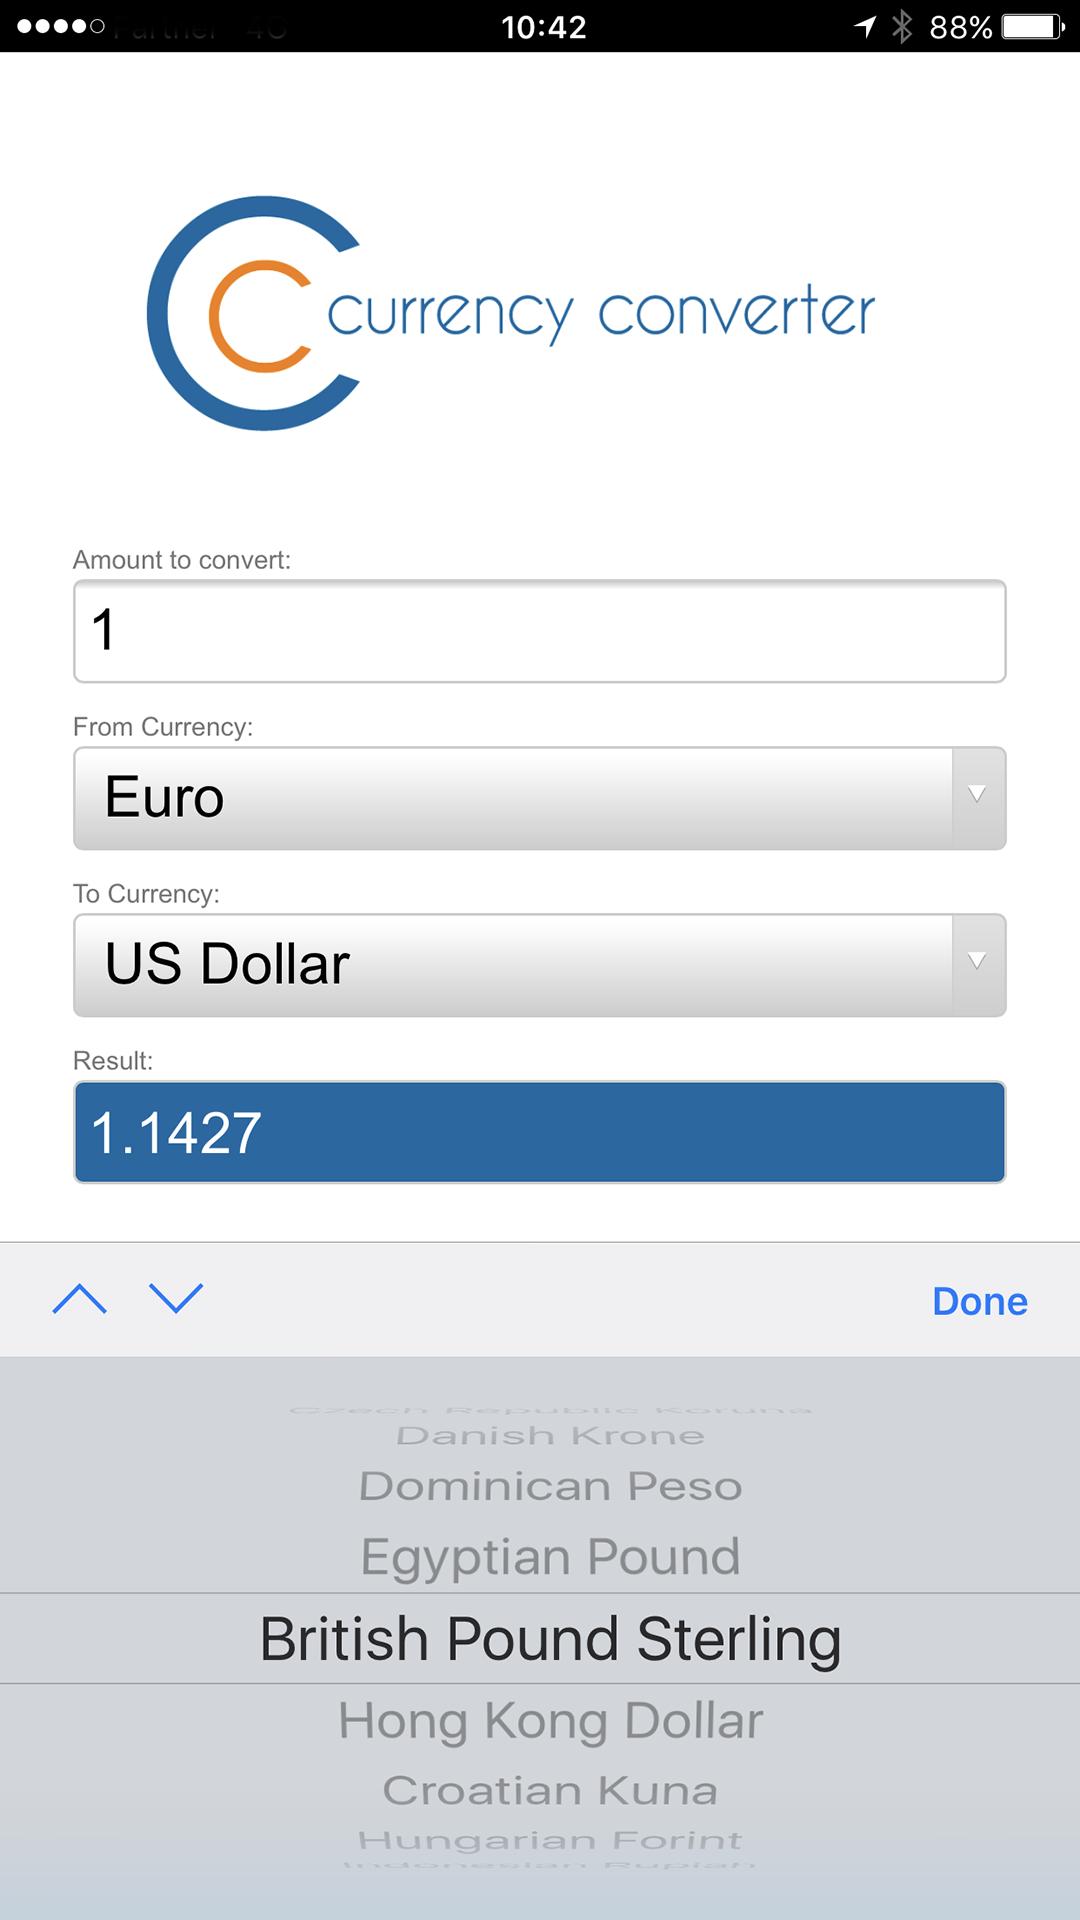 CC货币汇率兑换计算器